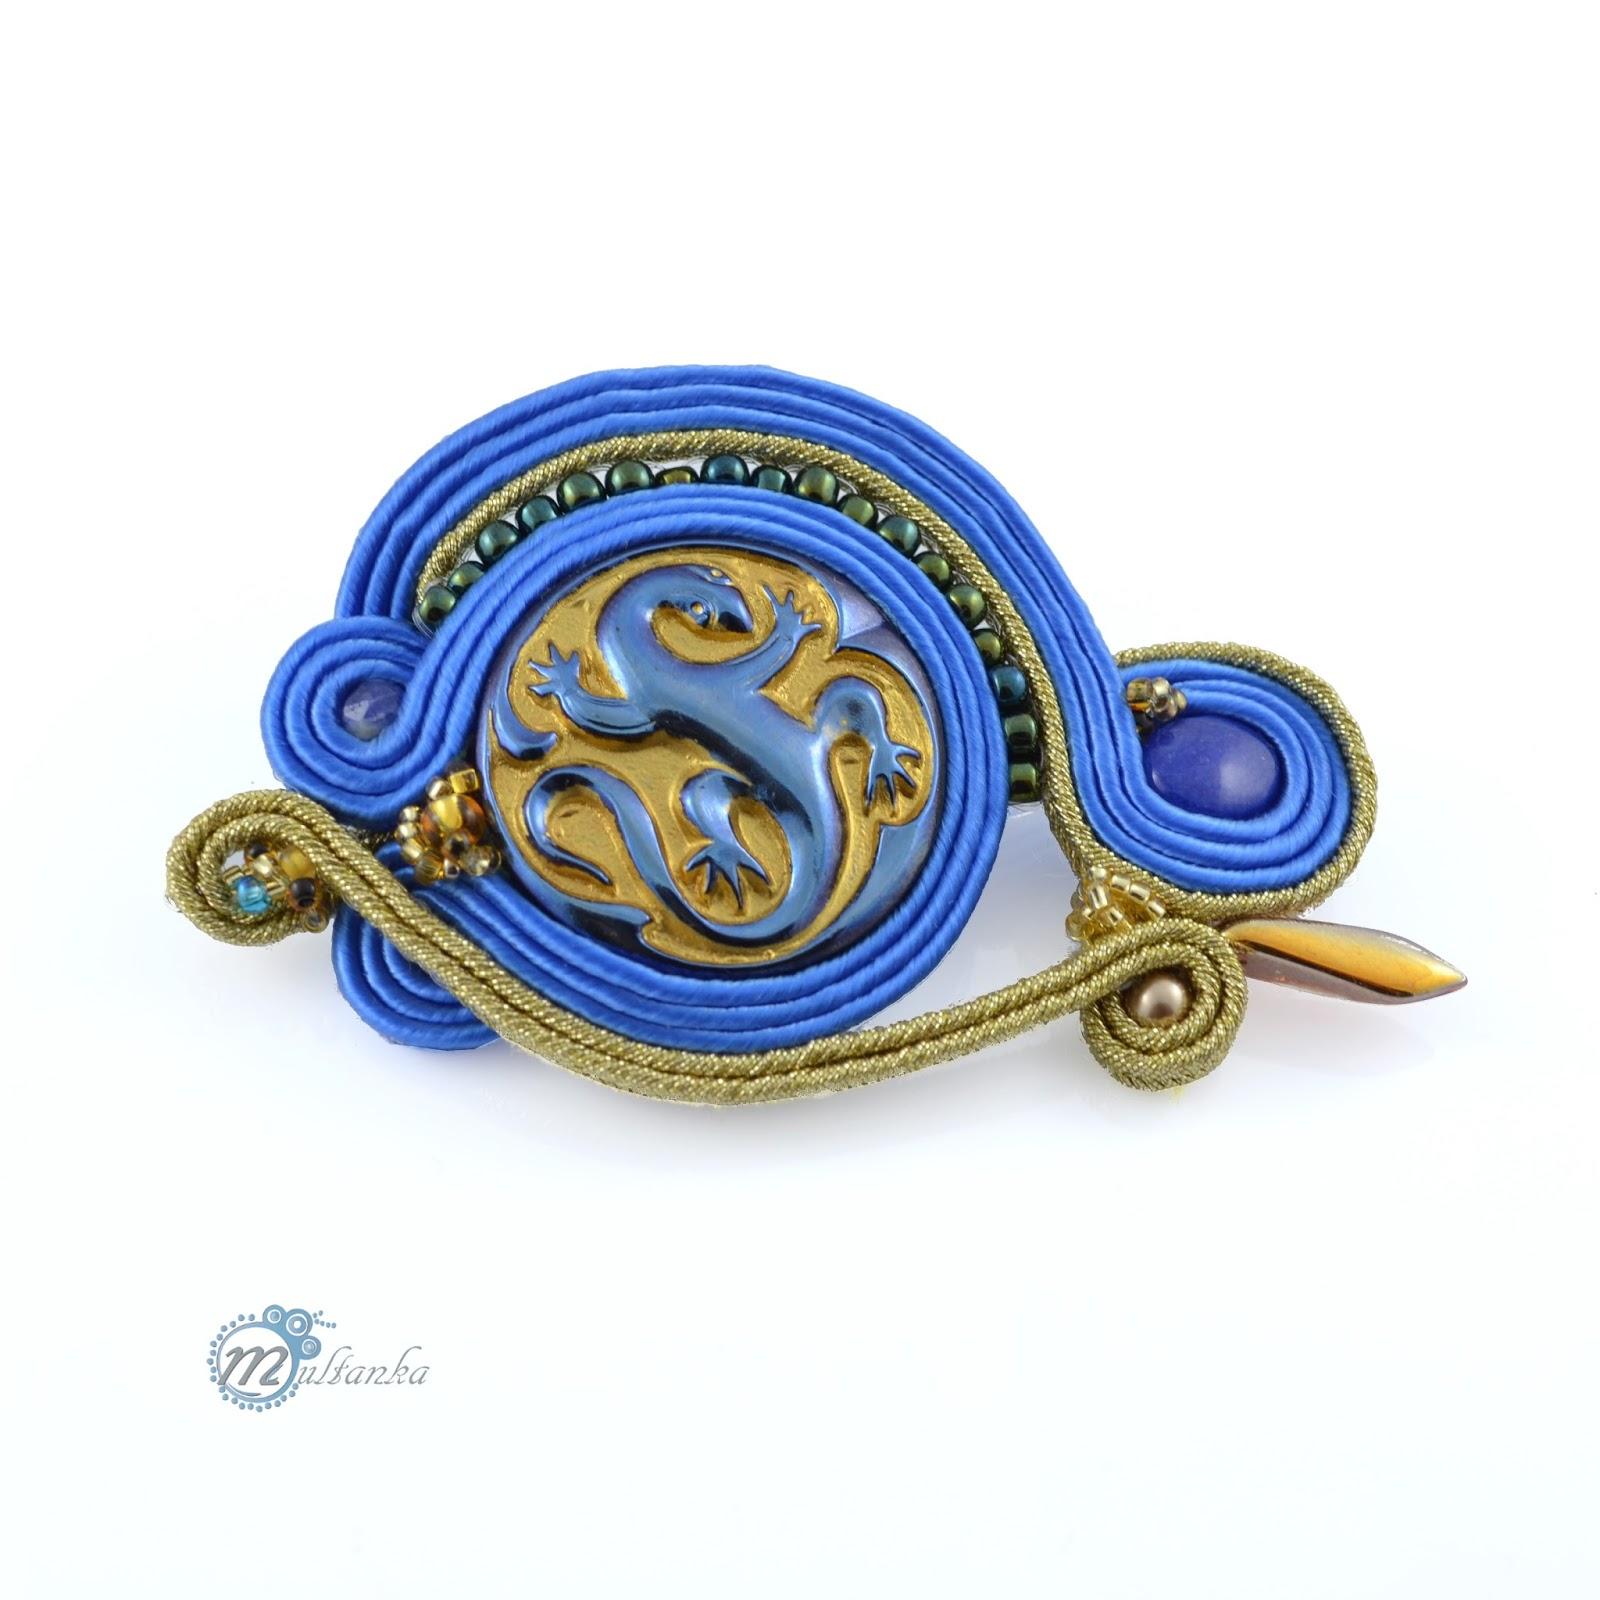 Granatowo-złota broszka z motywem jaszczurki wykonana metodą haftu soutache. Wykonanie - multanka.